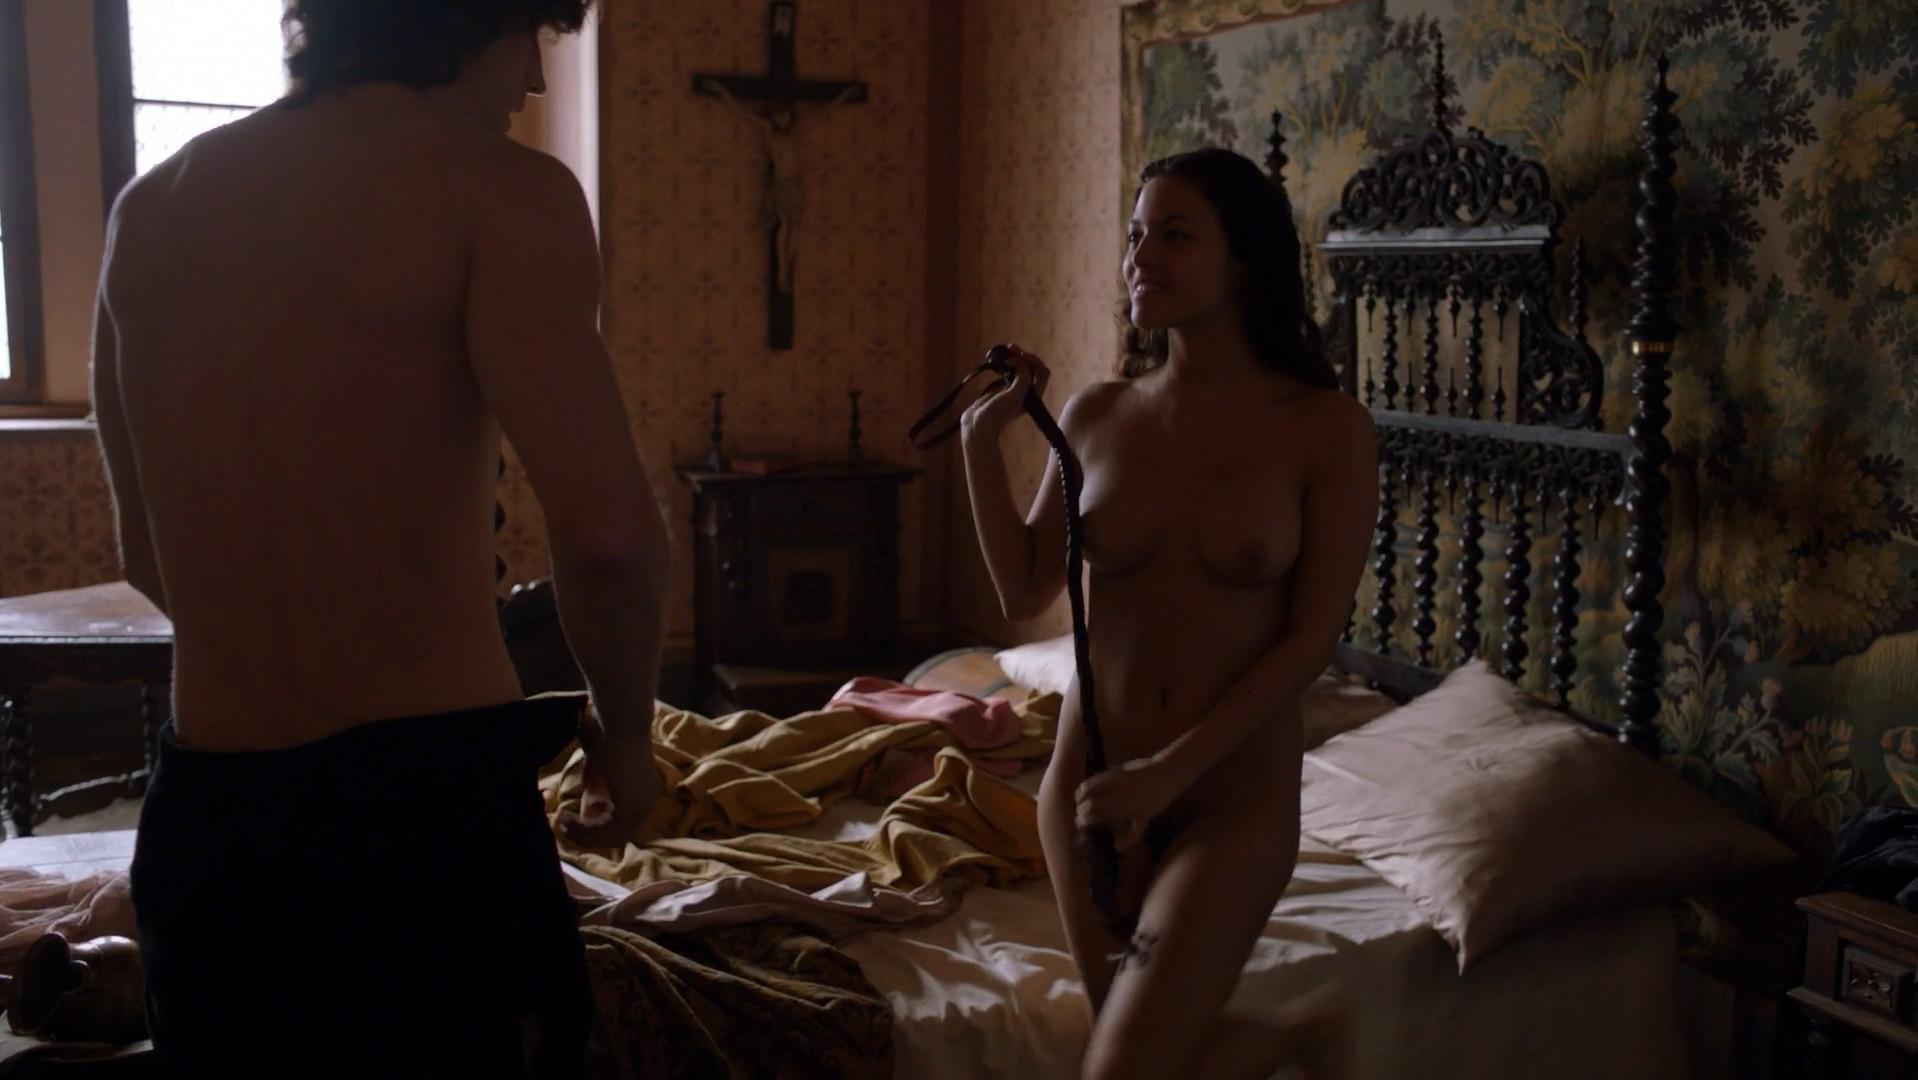 Nude Video Celebs Elisa Mouliaa Nude - Borgia S01E12 2011-3236